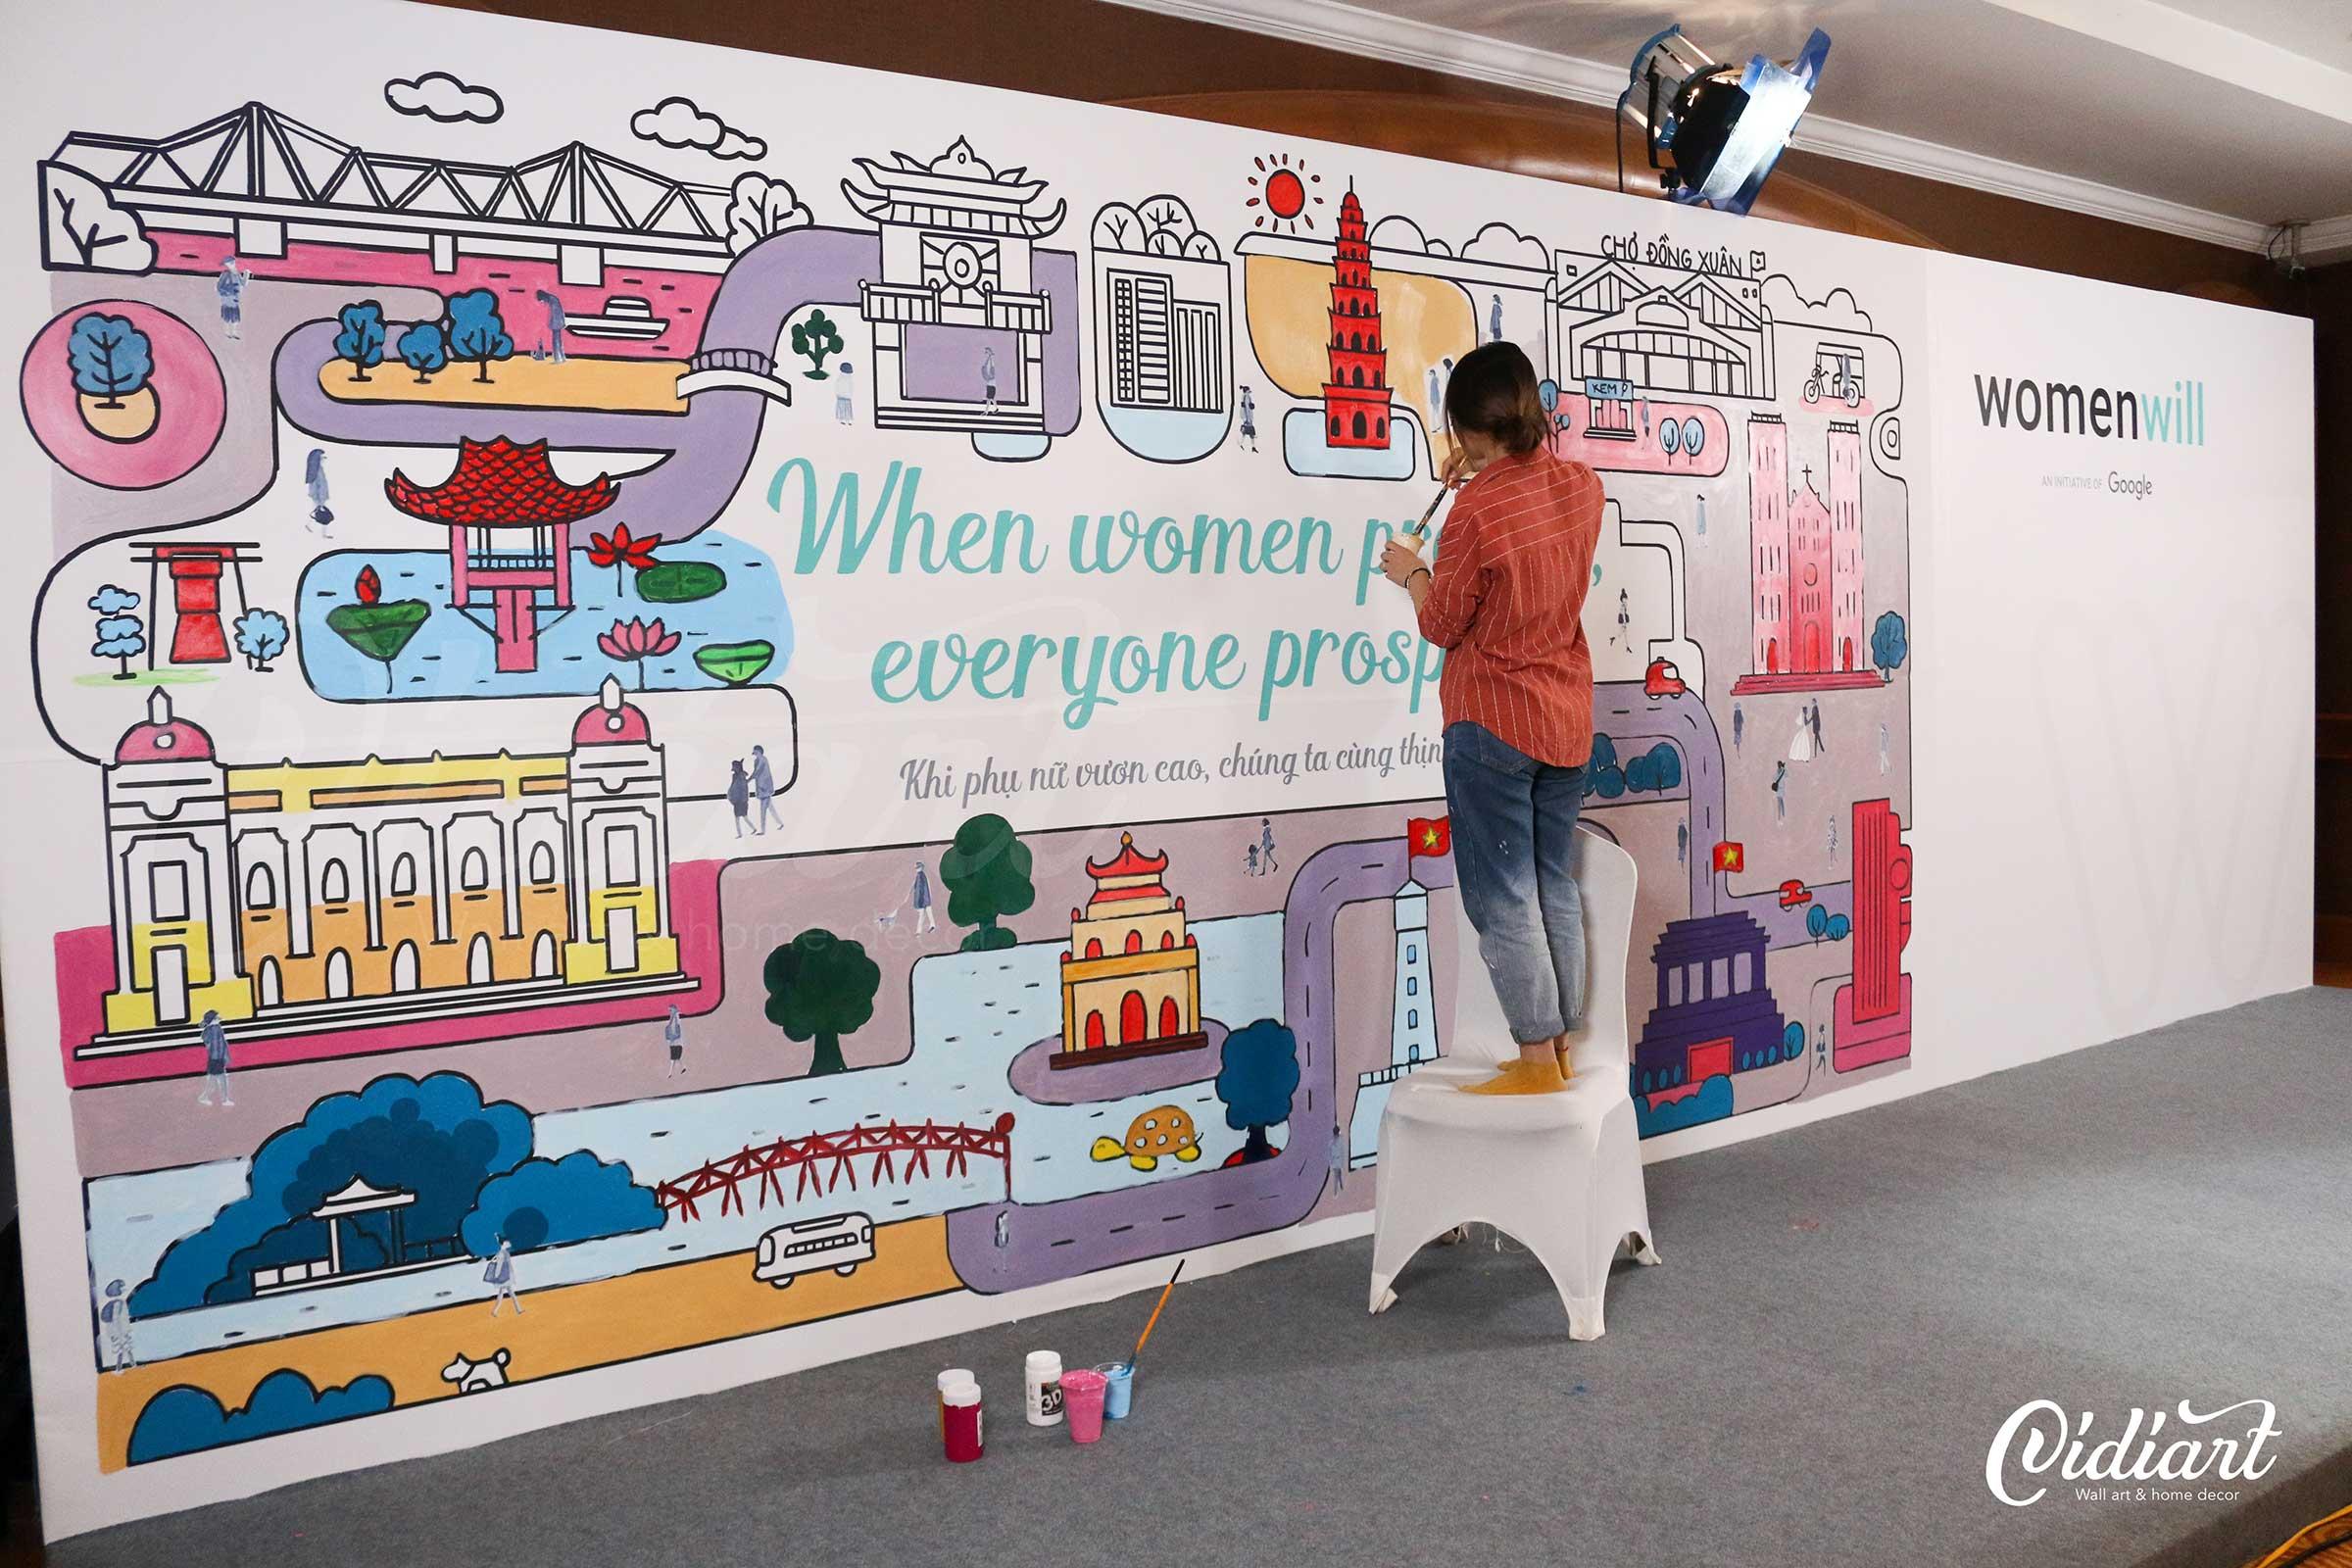 Sự kiện Womenwill - dự án sáng tạo của Google 1